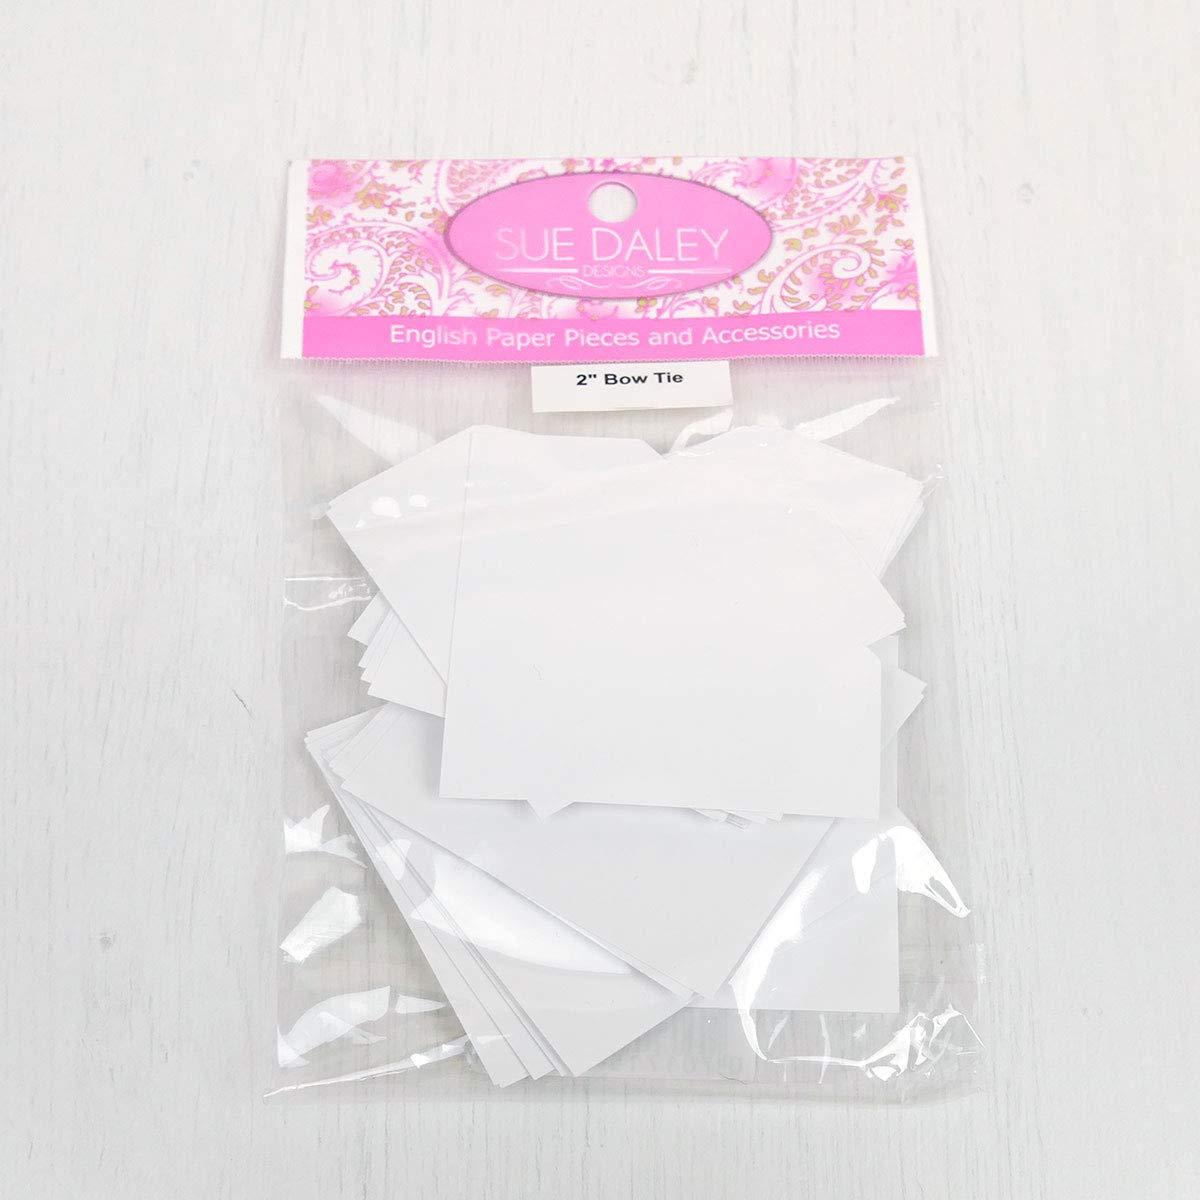 Sue Daley Designs Pajarita de papel con diseño de patchwork con ...